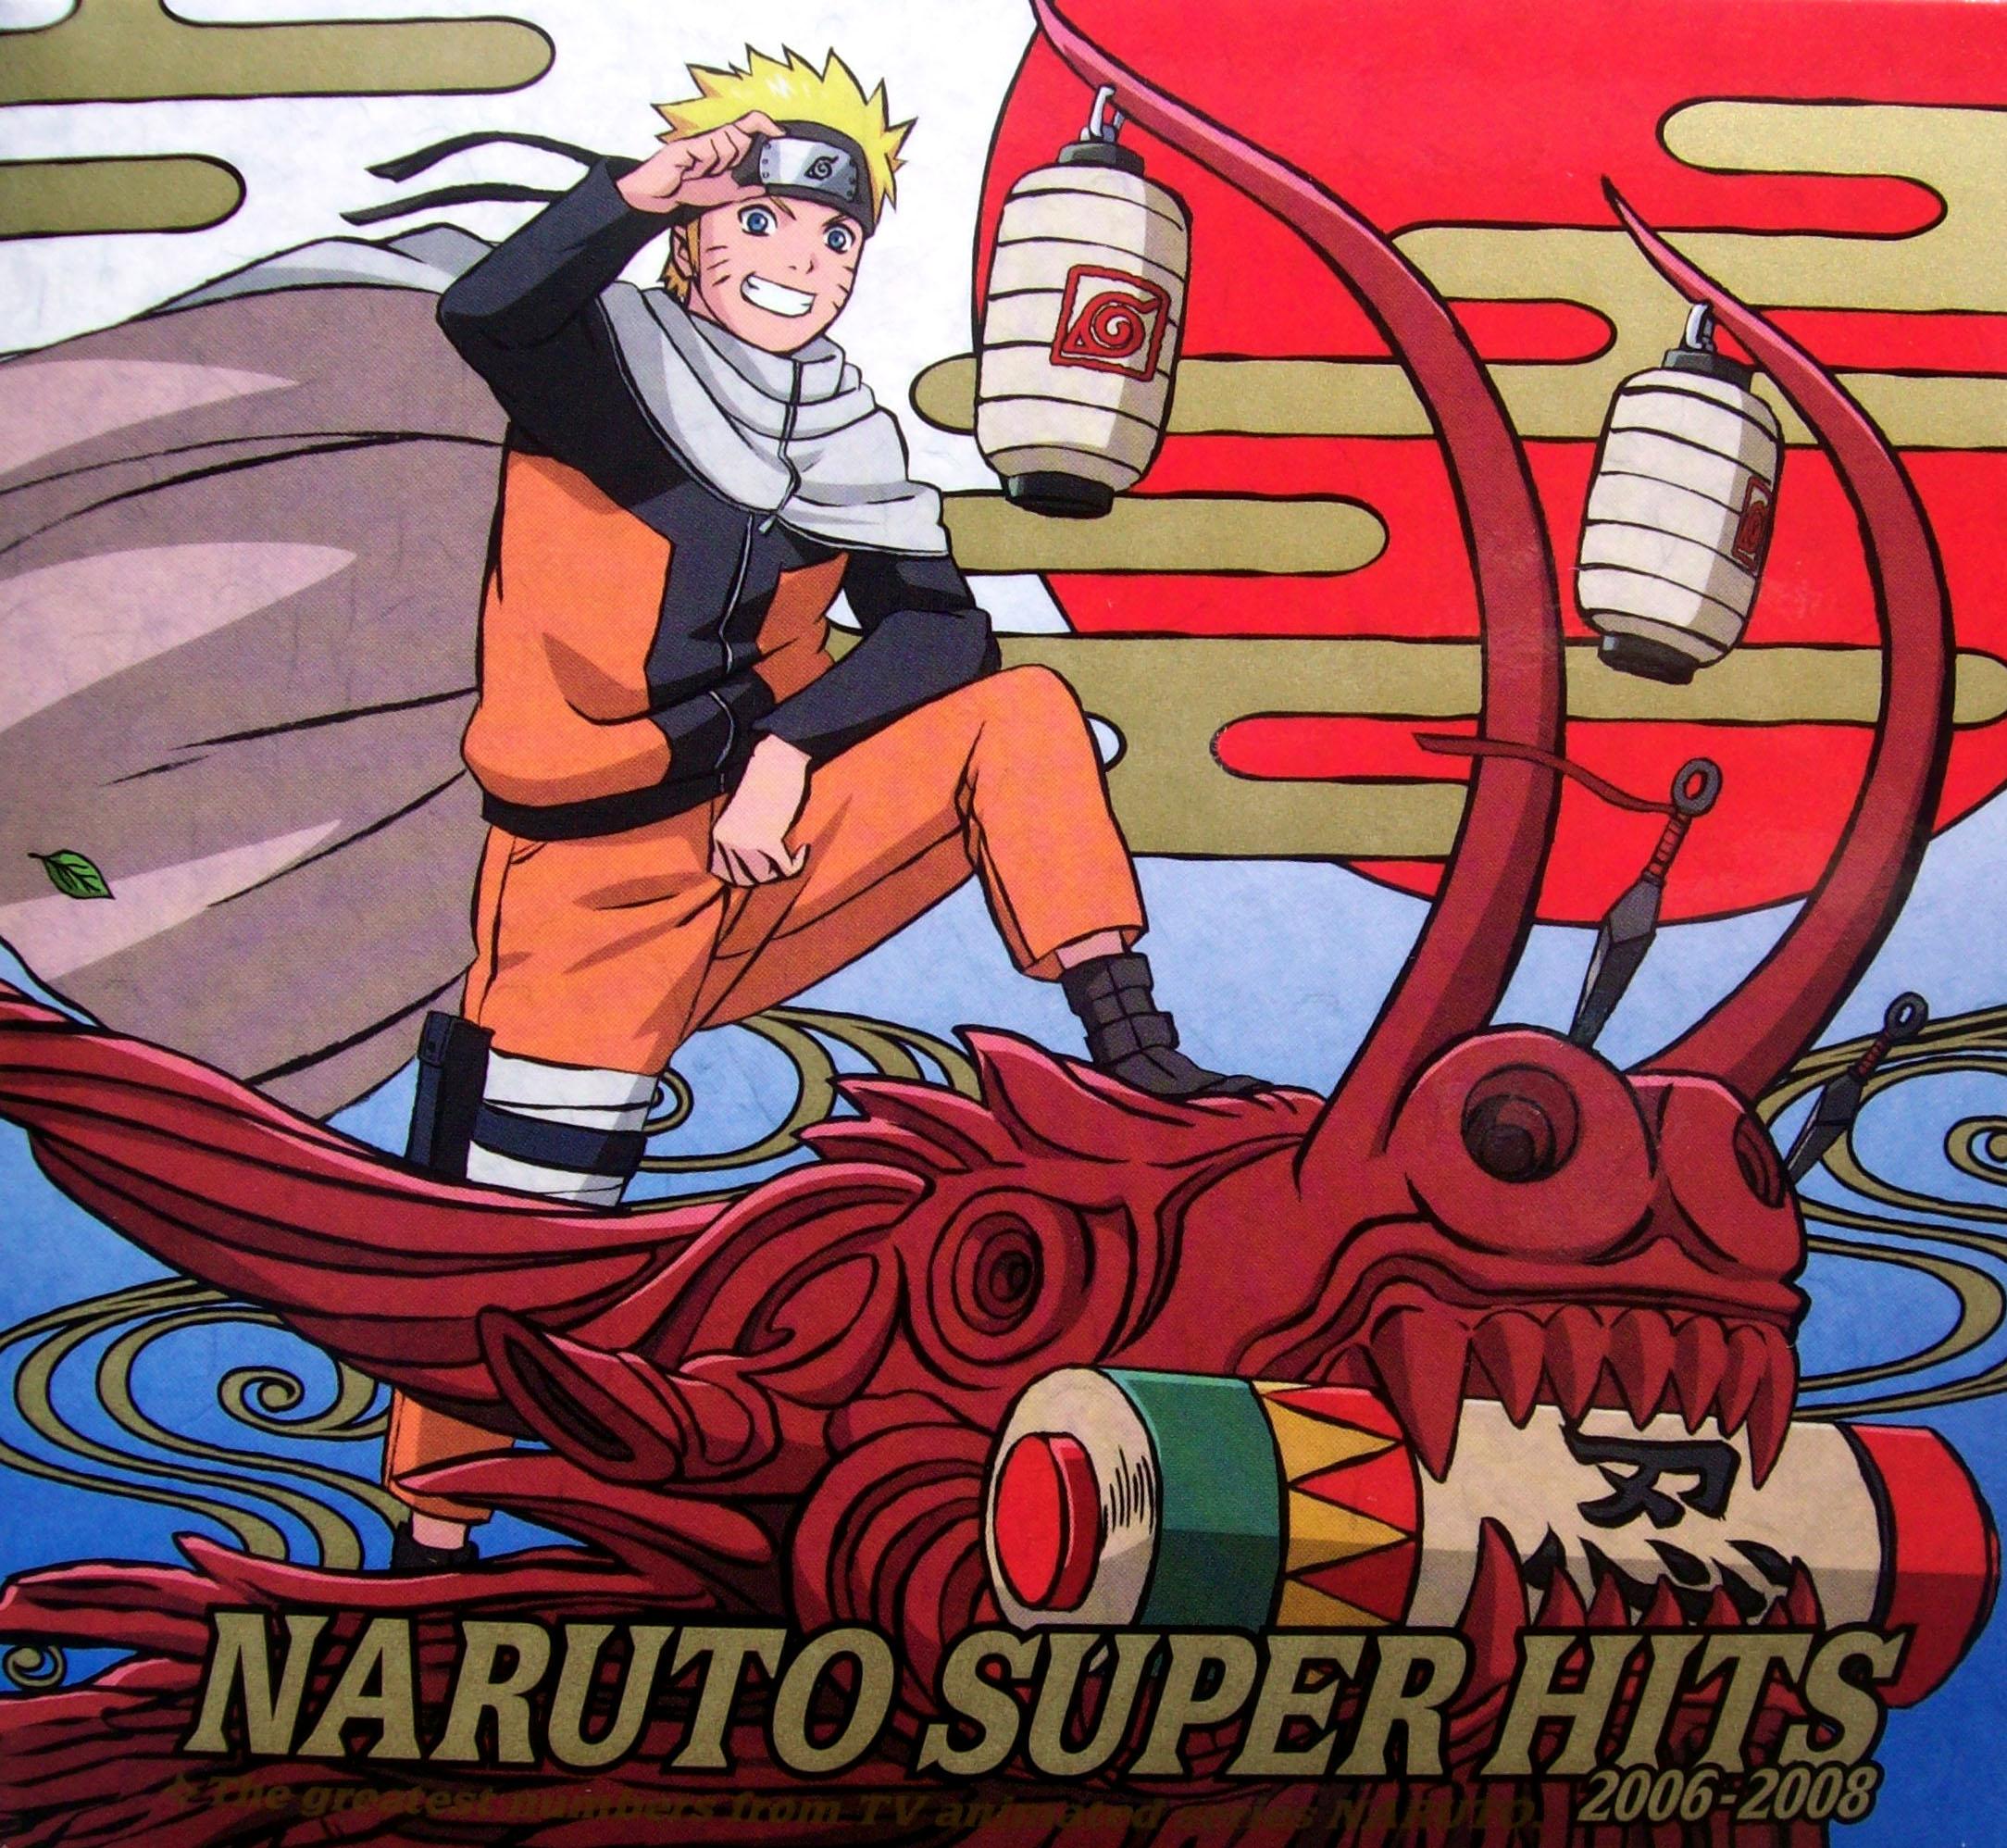 naruto ナルト super hits 2006 2008